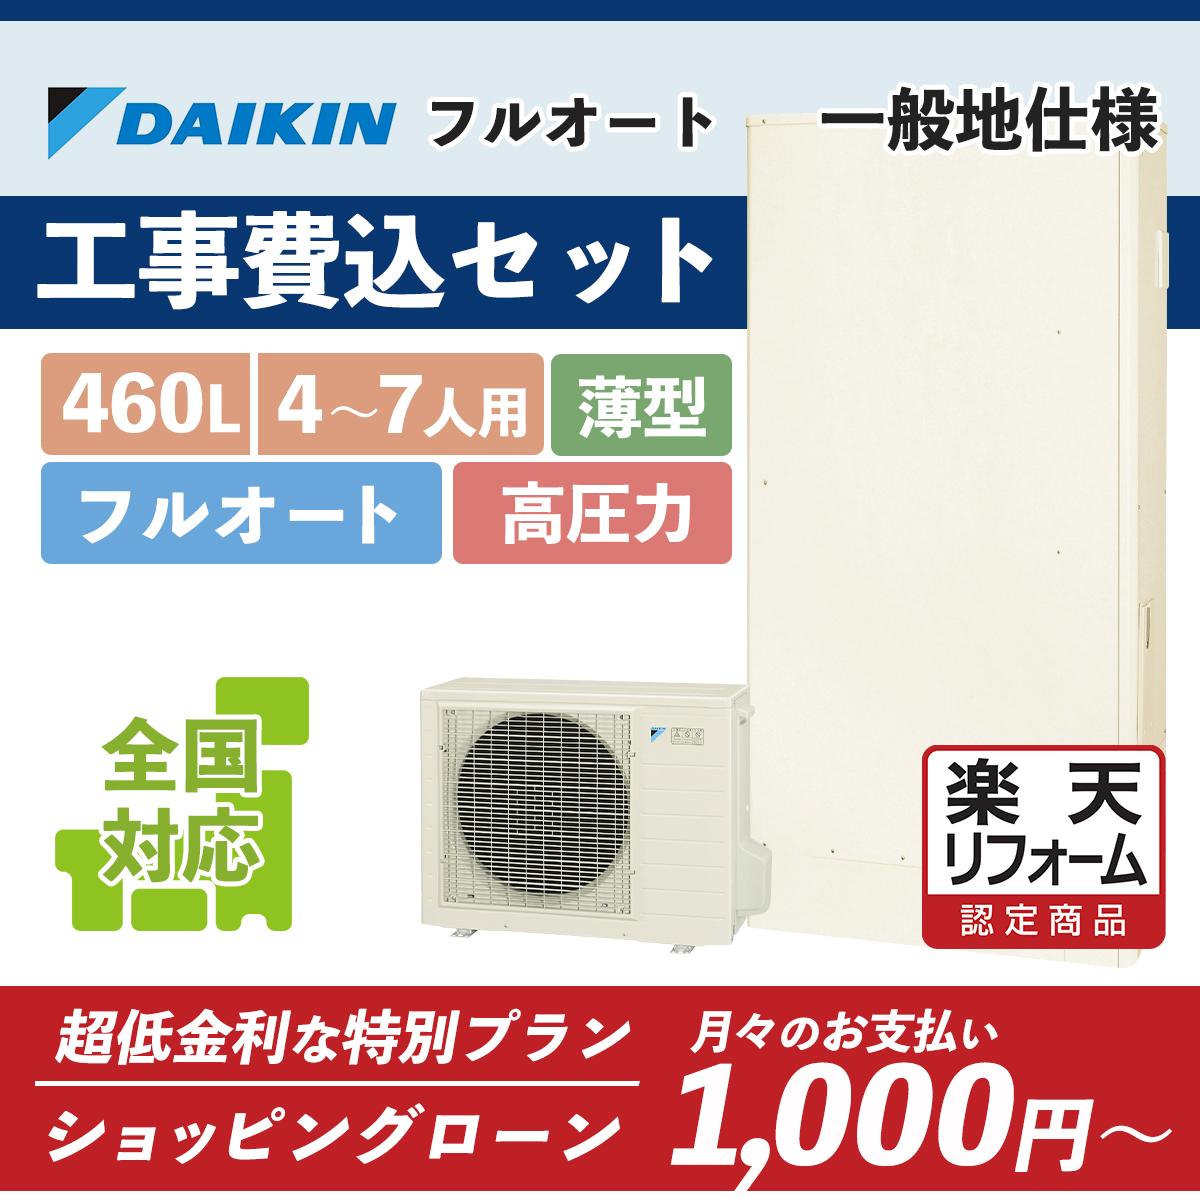 【リフォーム認定商品】EQ46UFTV|ダイキン 薄型 460L|エコキュート工事費込み!全国対応!リモコンセット,給湯器,パワフル高圧フルオート,DAIKIN